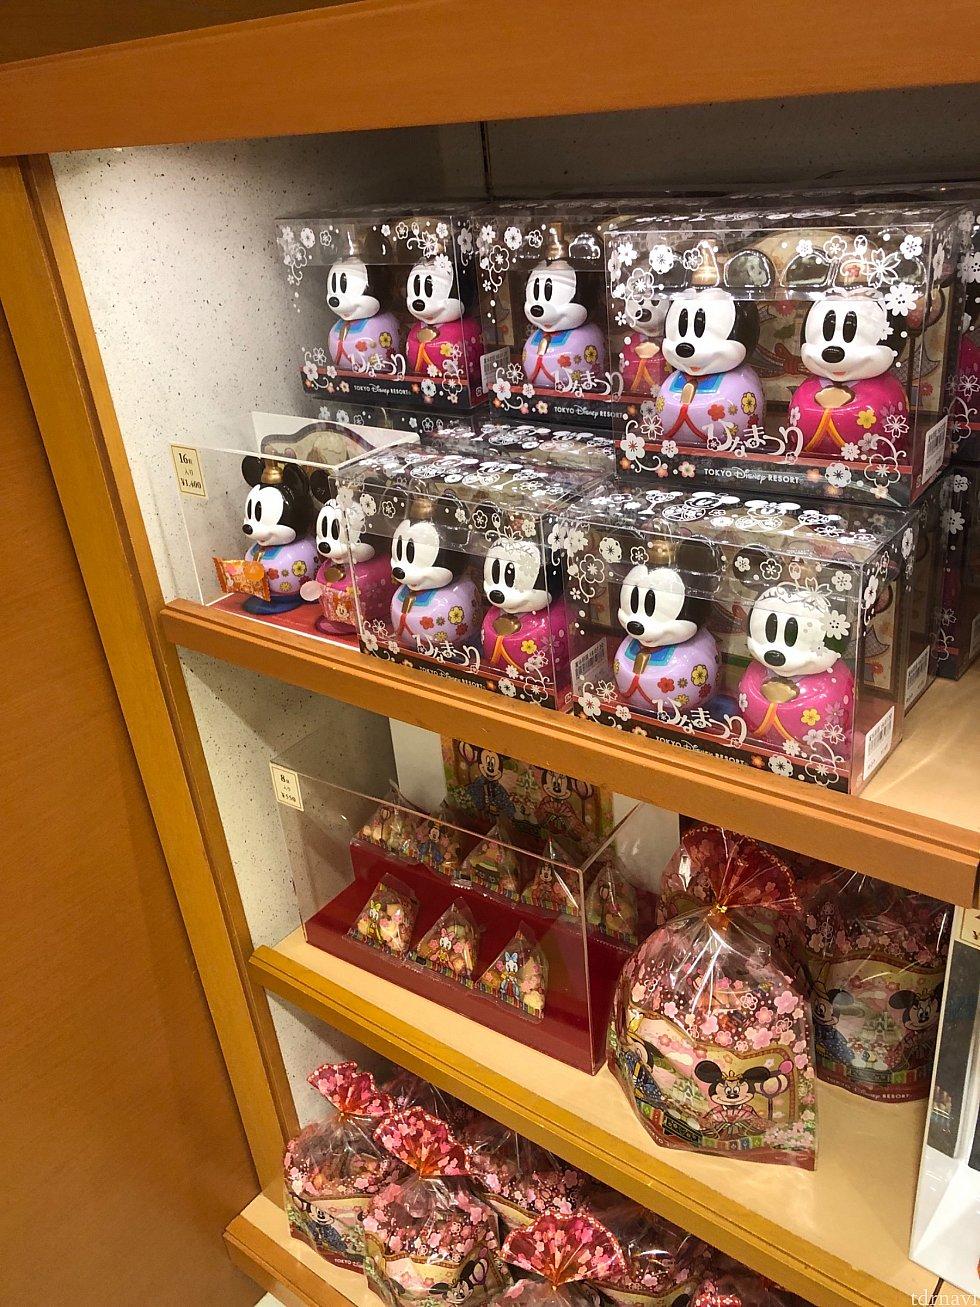 もうひな祭りのお菓子が販売されていました(๑˃̵ᴗ˂̵)